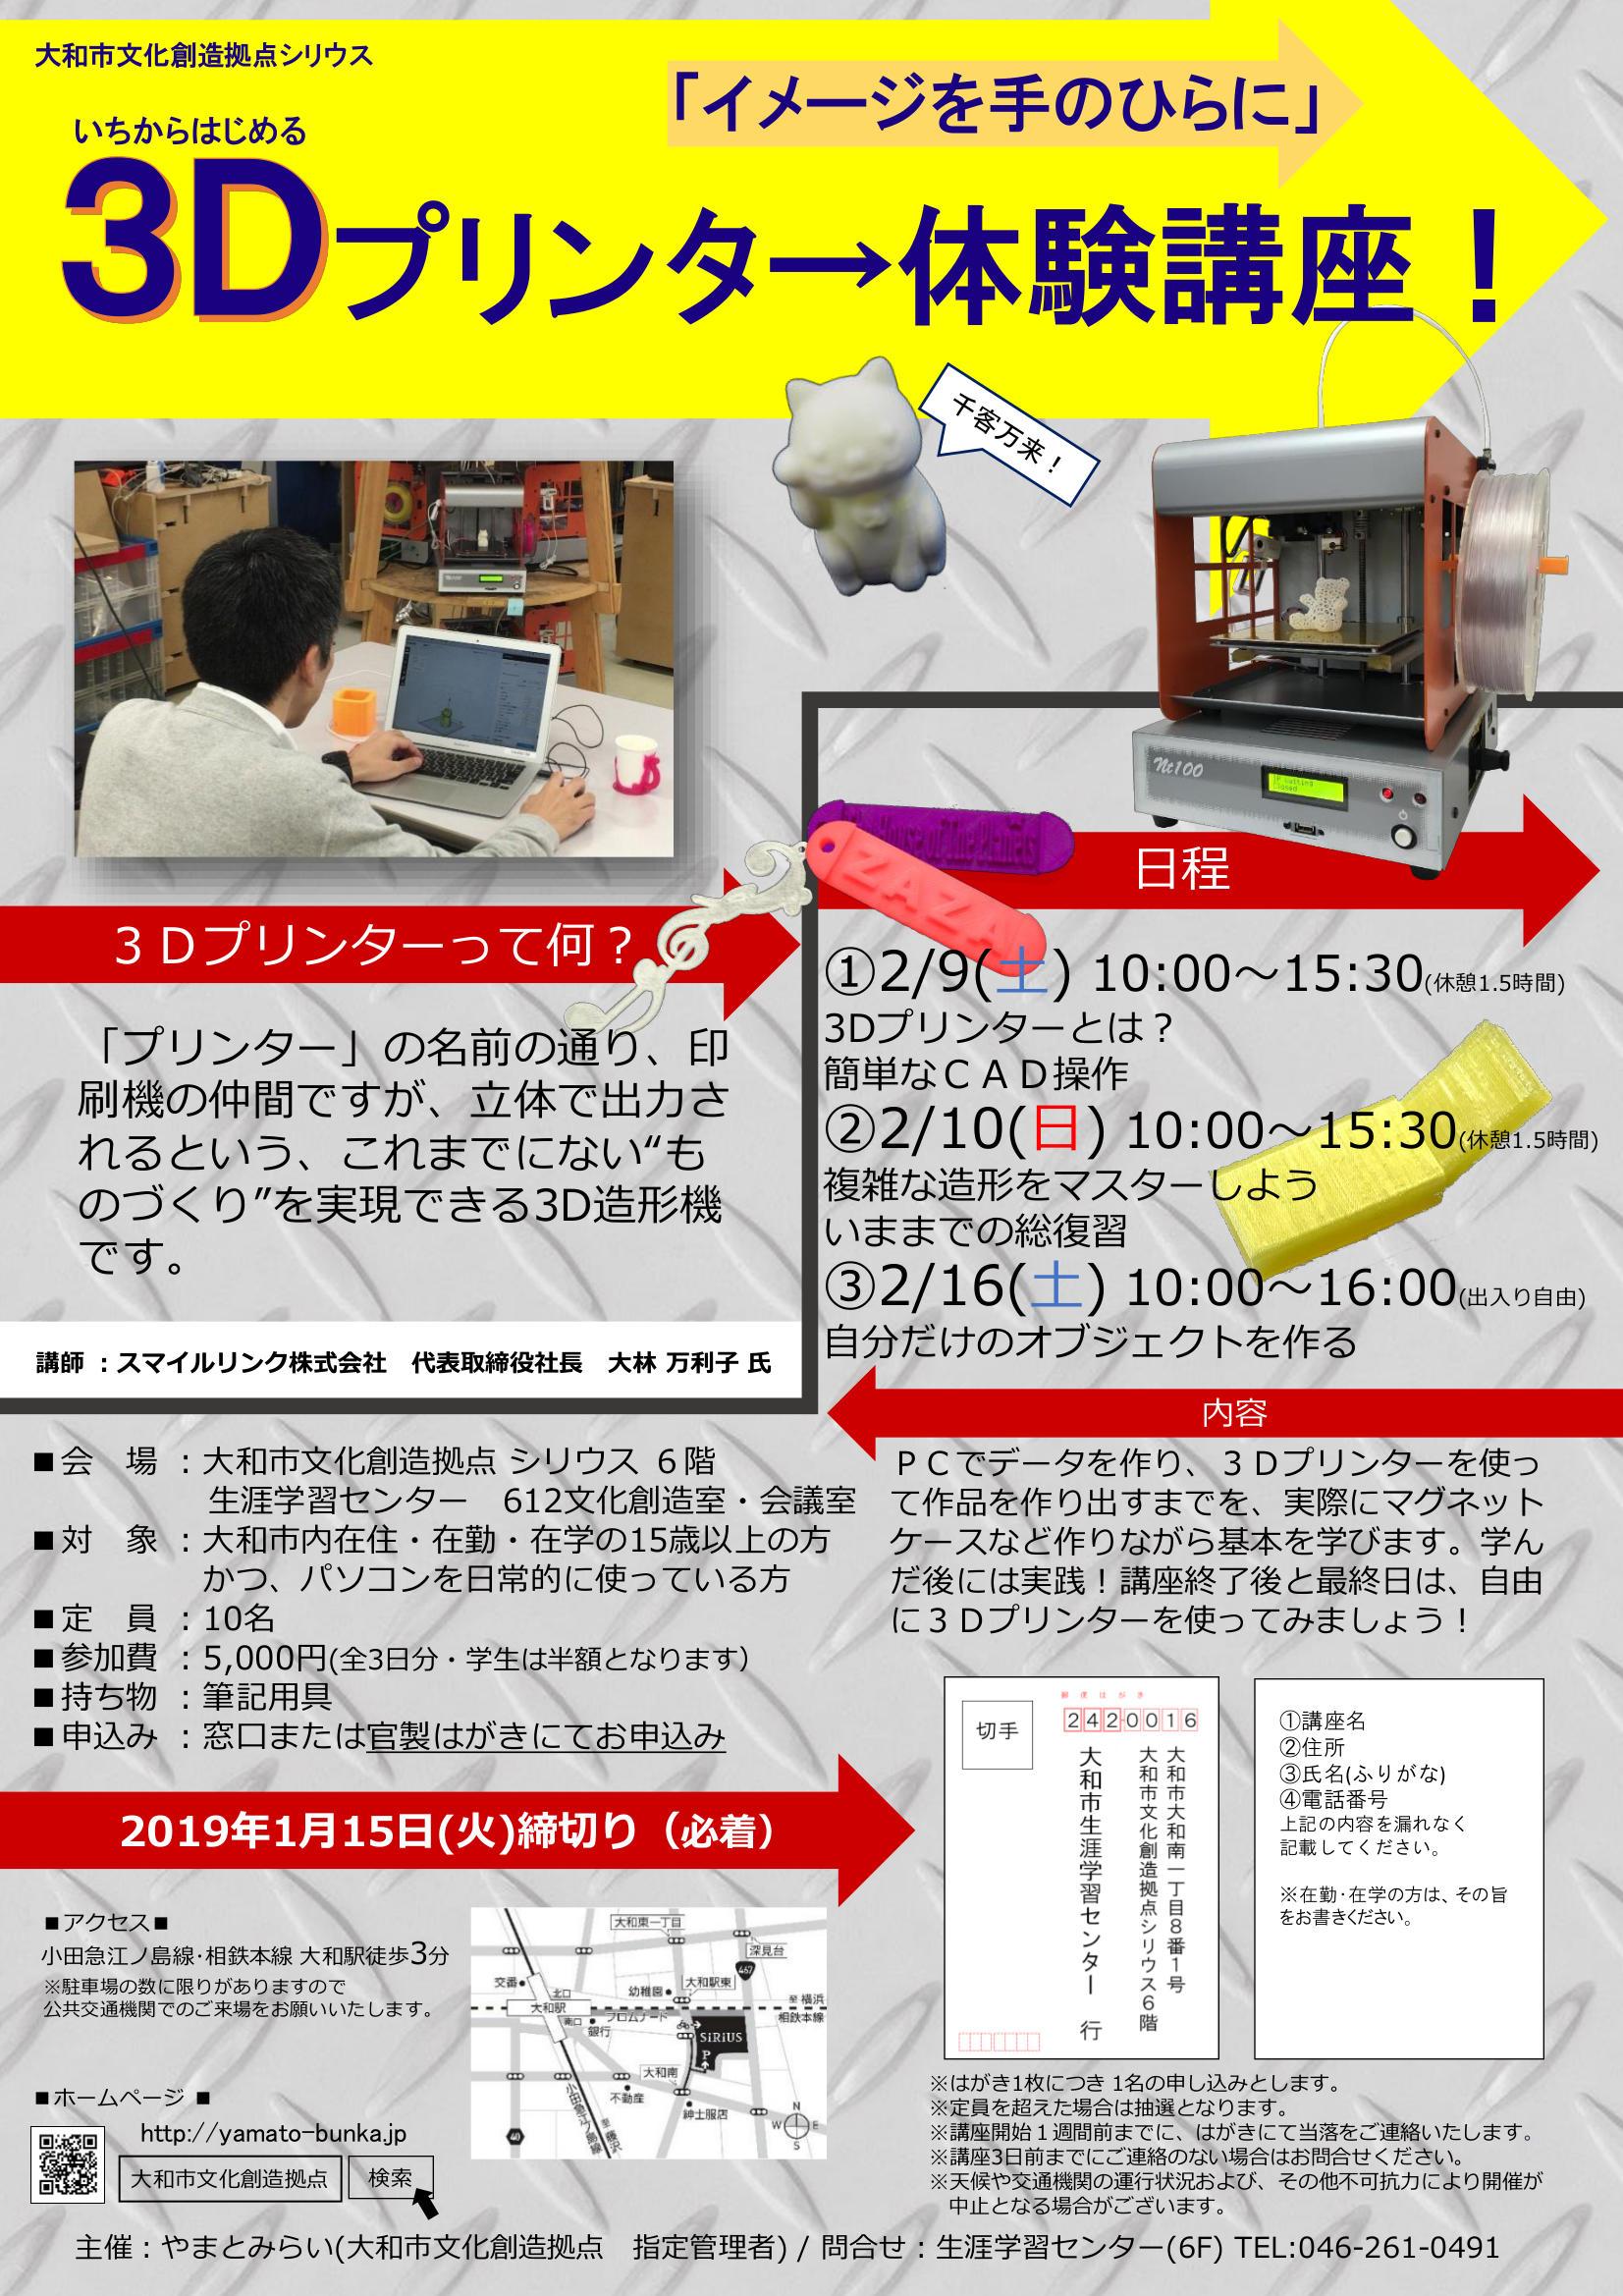 いちからはじめる3Dプリンター体験講座!